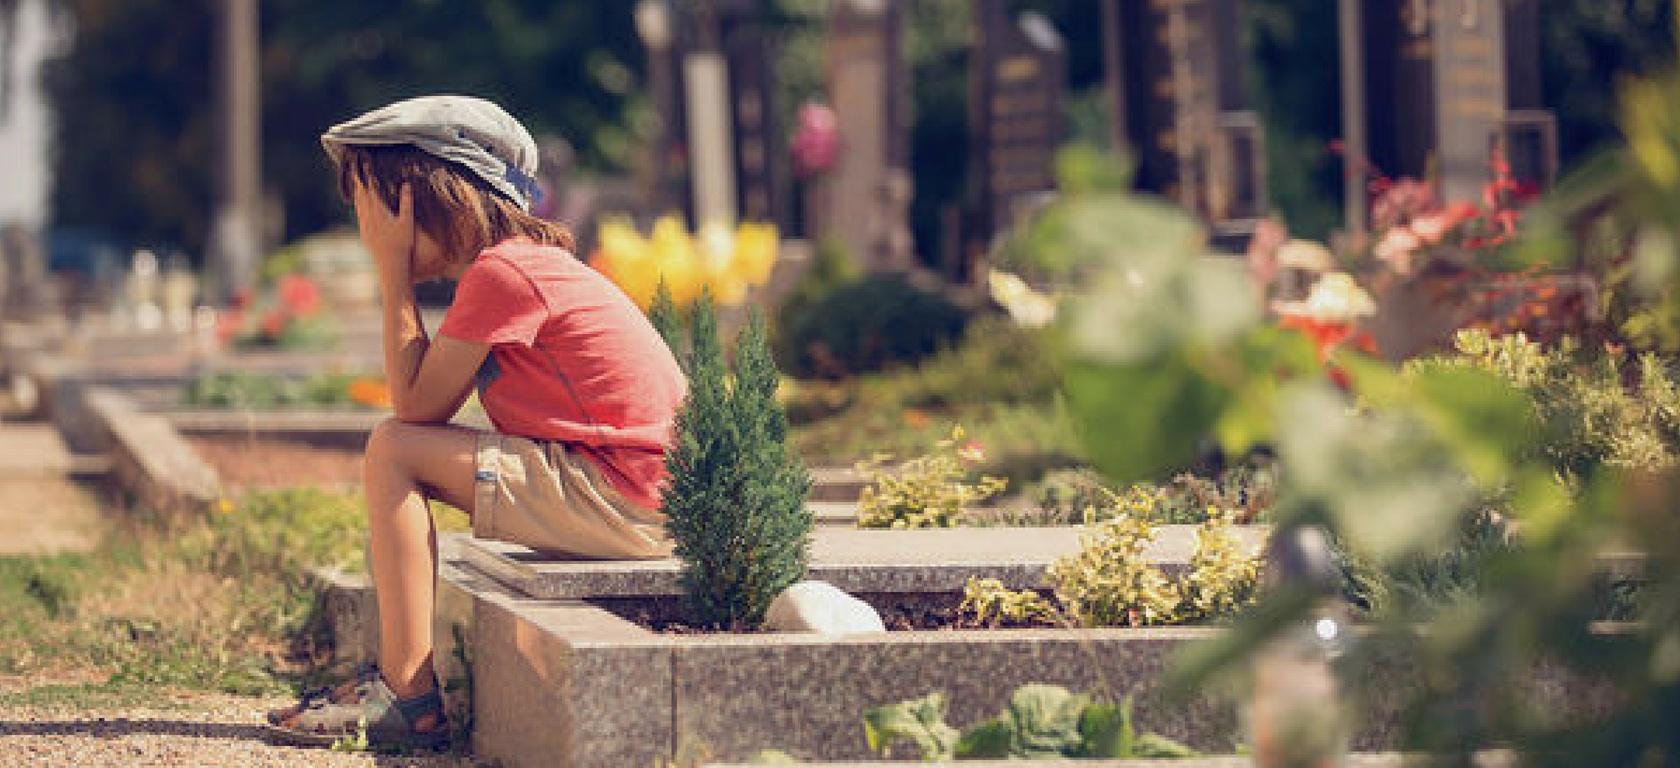 Πώς μιλάμε στα παιδιά για την απώλεια και το θάνατο, πένθος, απώλεια, καταστροφή